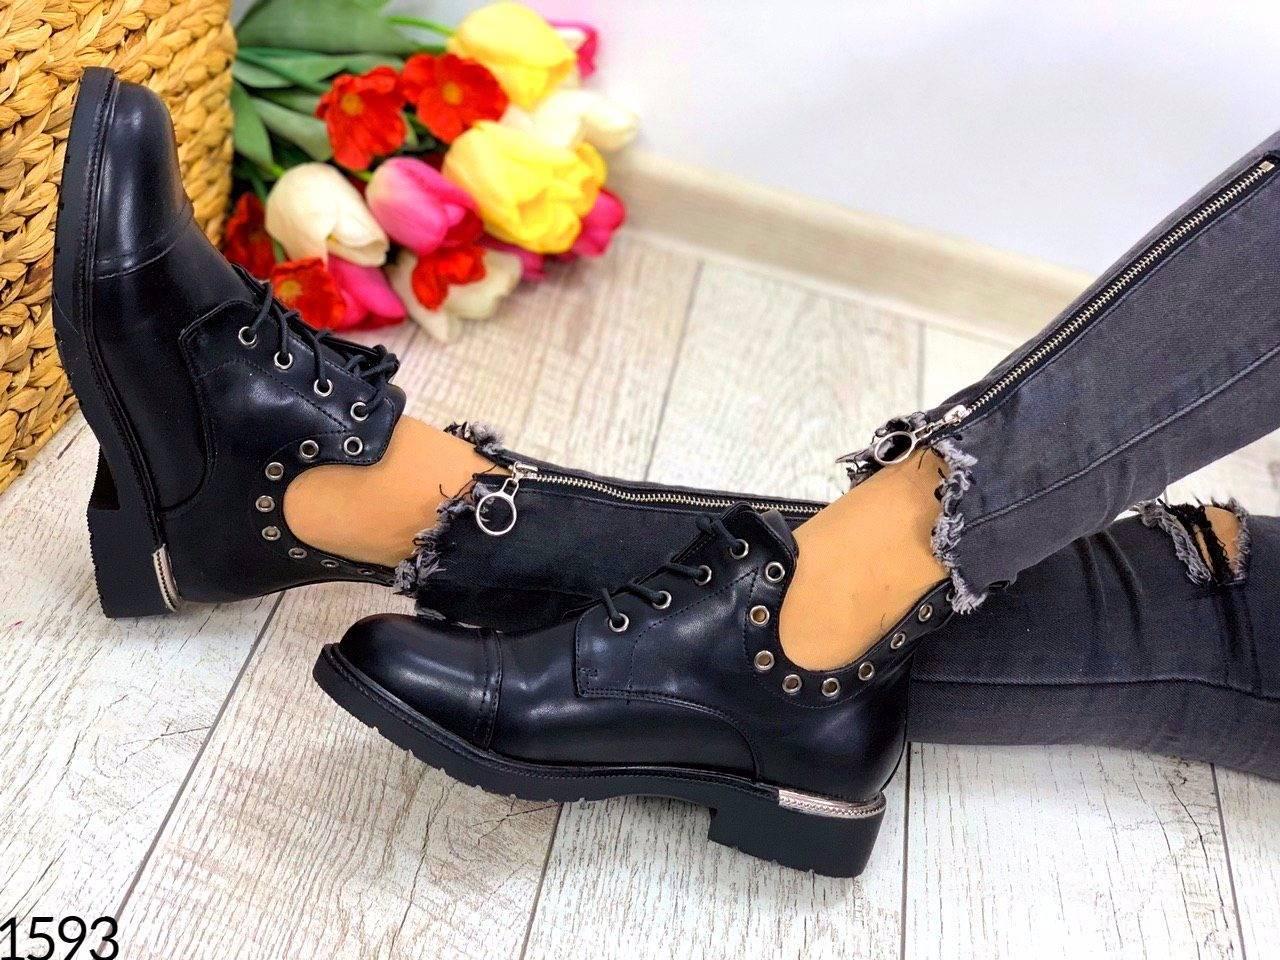 ХИТ ПРОДАЖ!! Туфли женские.. Арт.1593